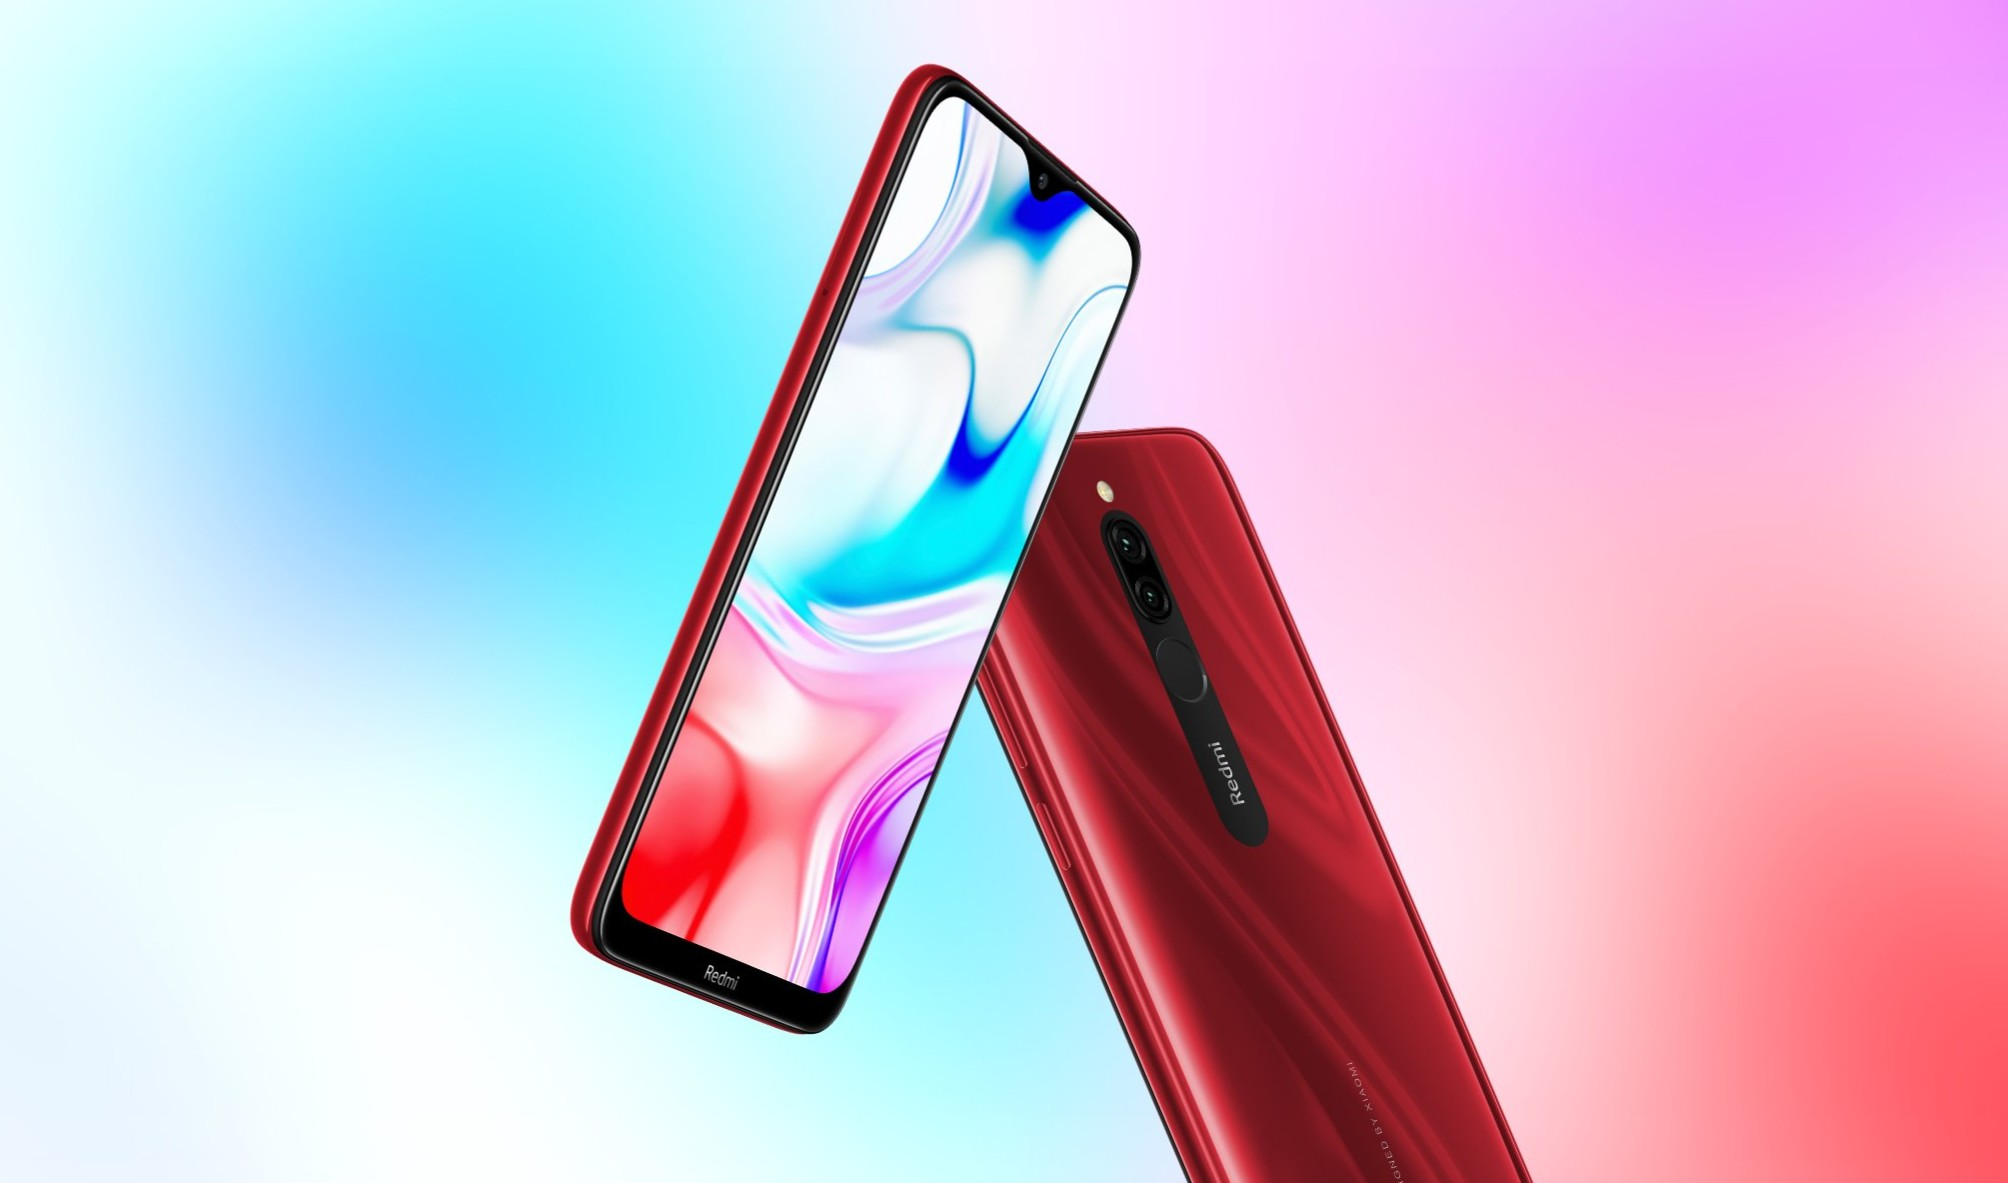 Xiaomi Resmi Luncurkan Gadget Terbarunya, Redmi 8